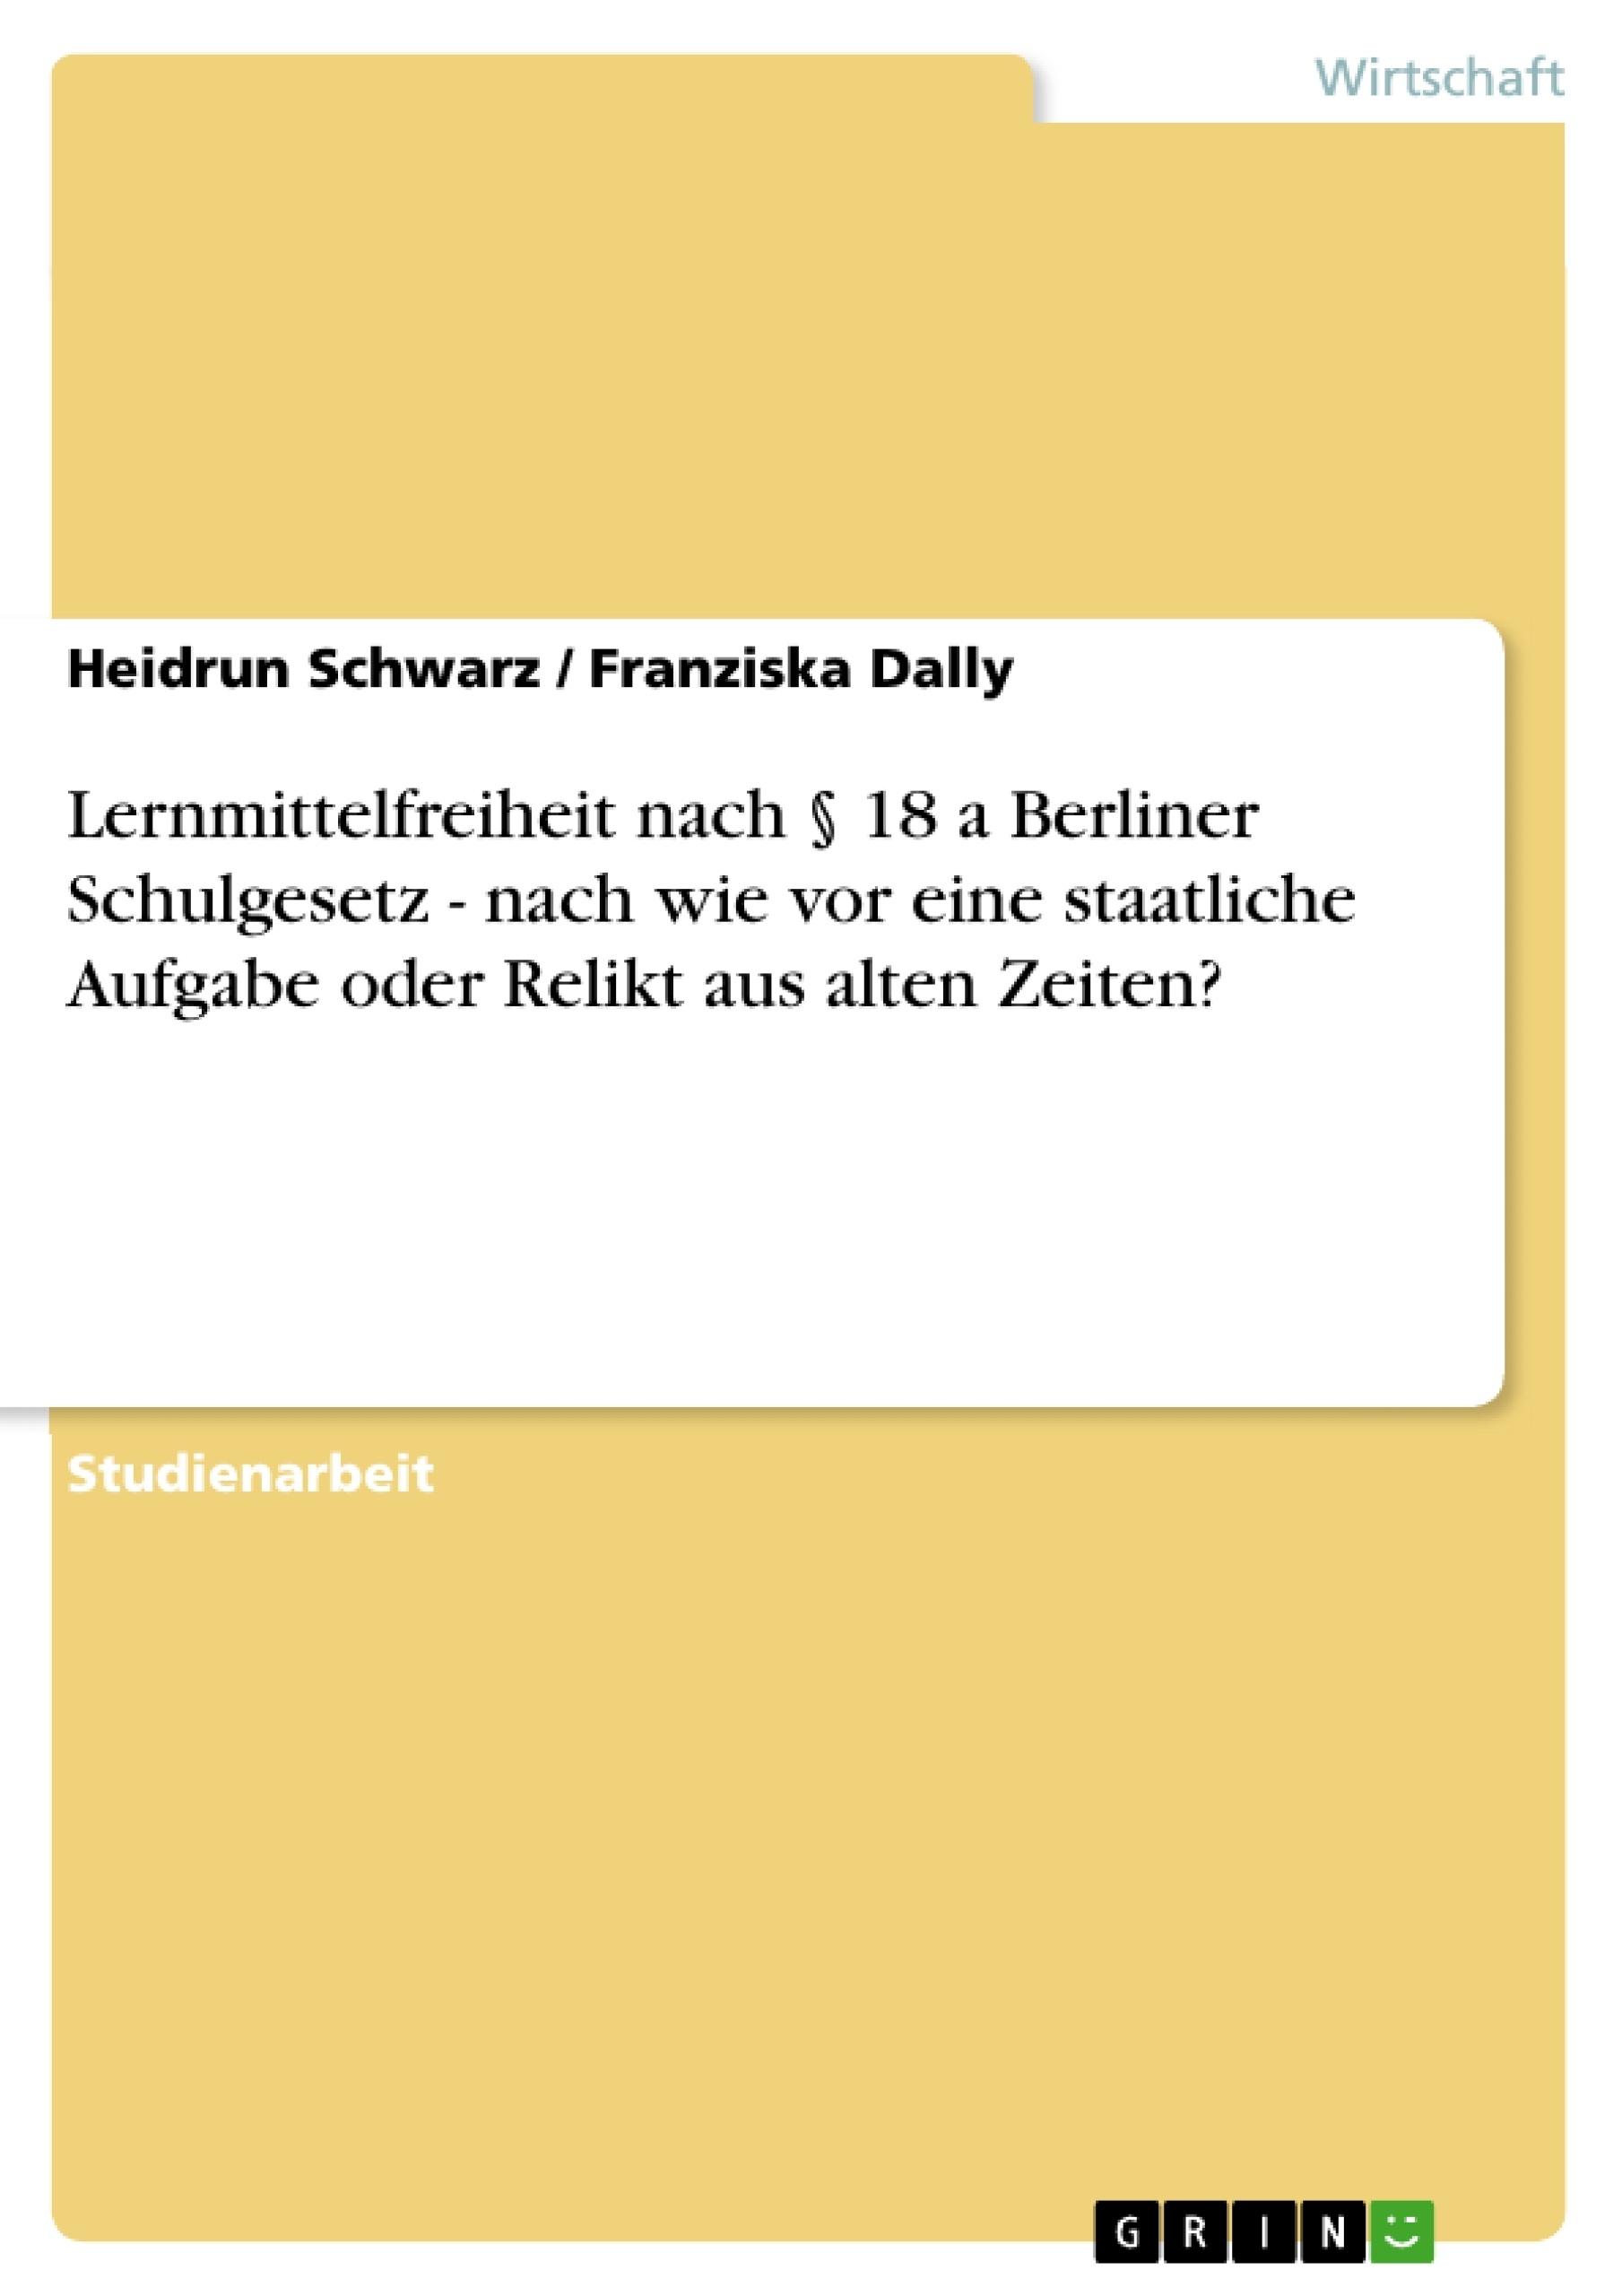 Titel: Lernmittelfreiheit nach § 18 a Berliner Schulgesetz - nach wie vor eine staatliche Aufgabe oder Relikt aus alten Zeiten?